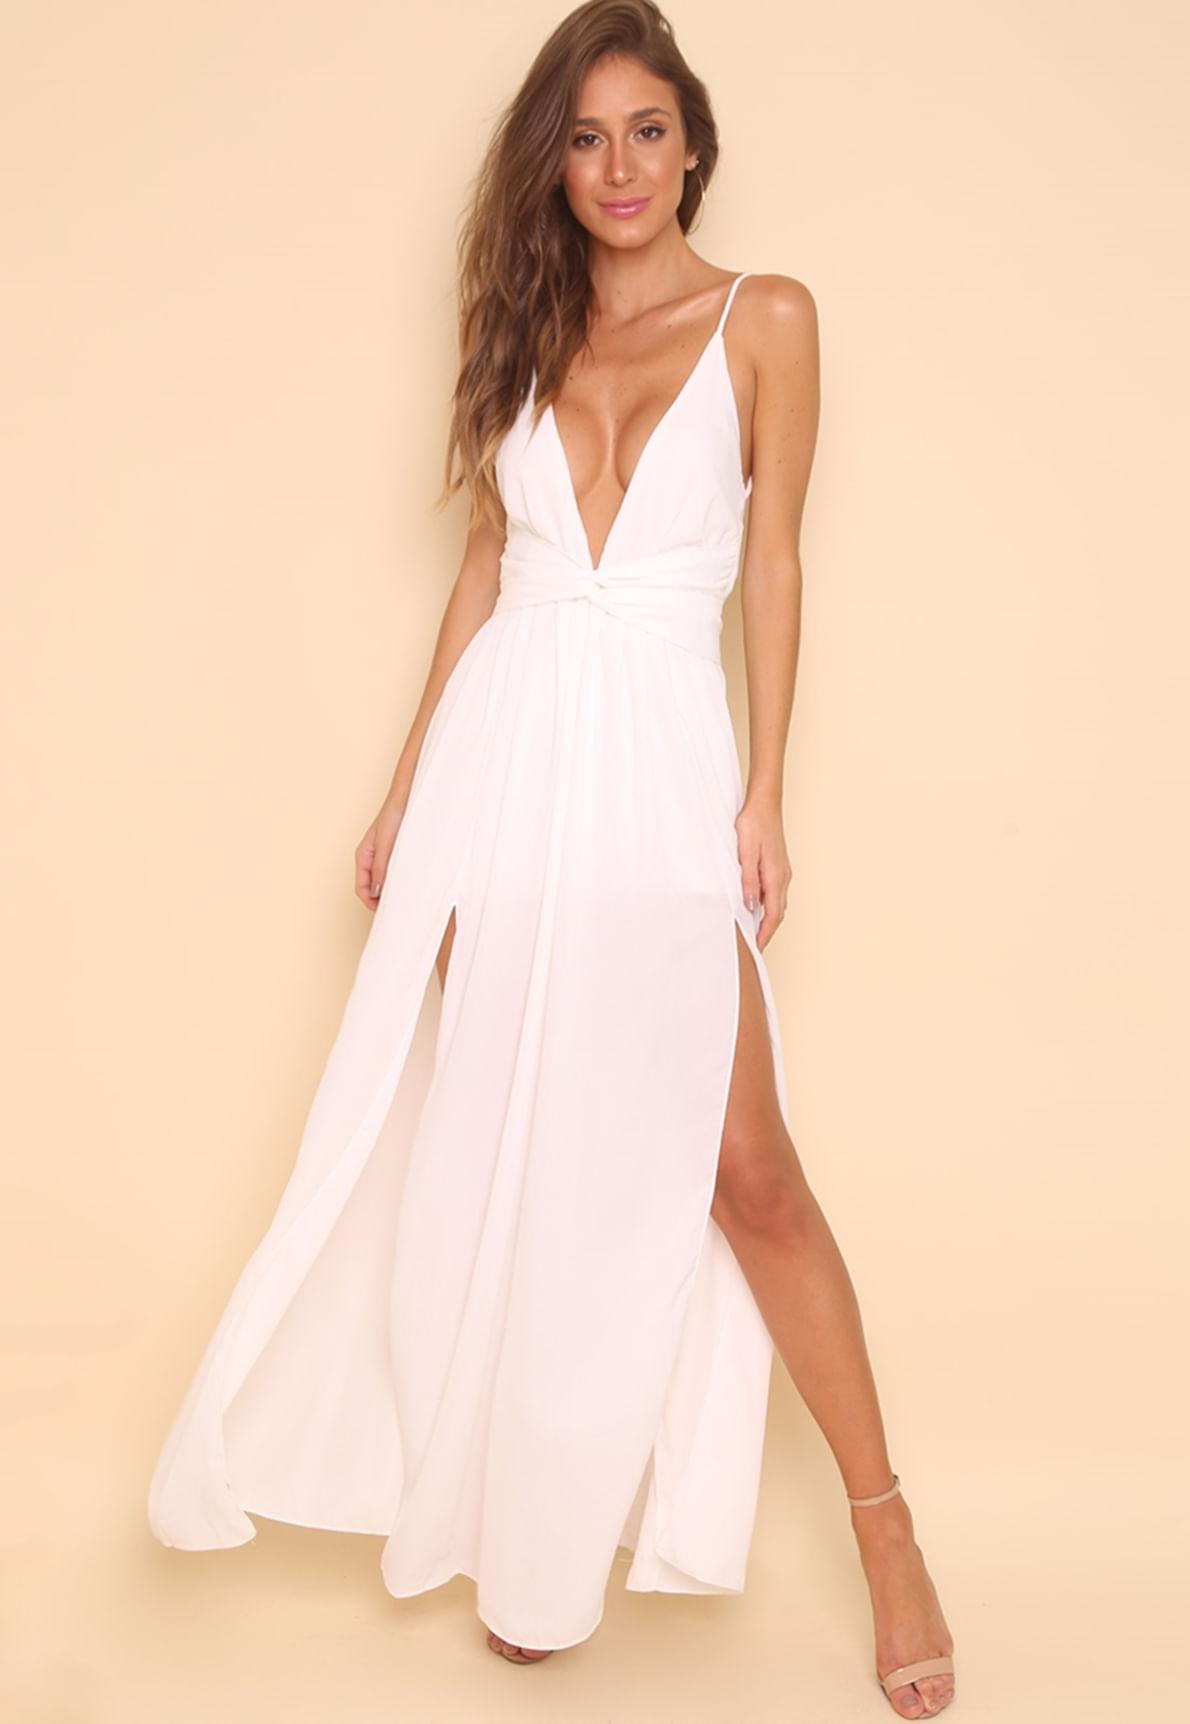 29841-vestido-longo-branco-evelyn-mundo-lolita-01